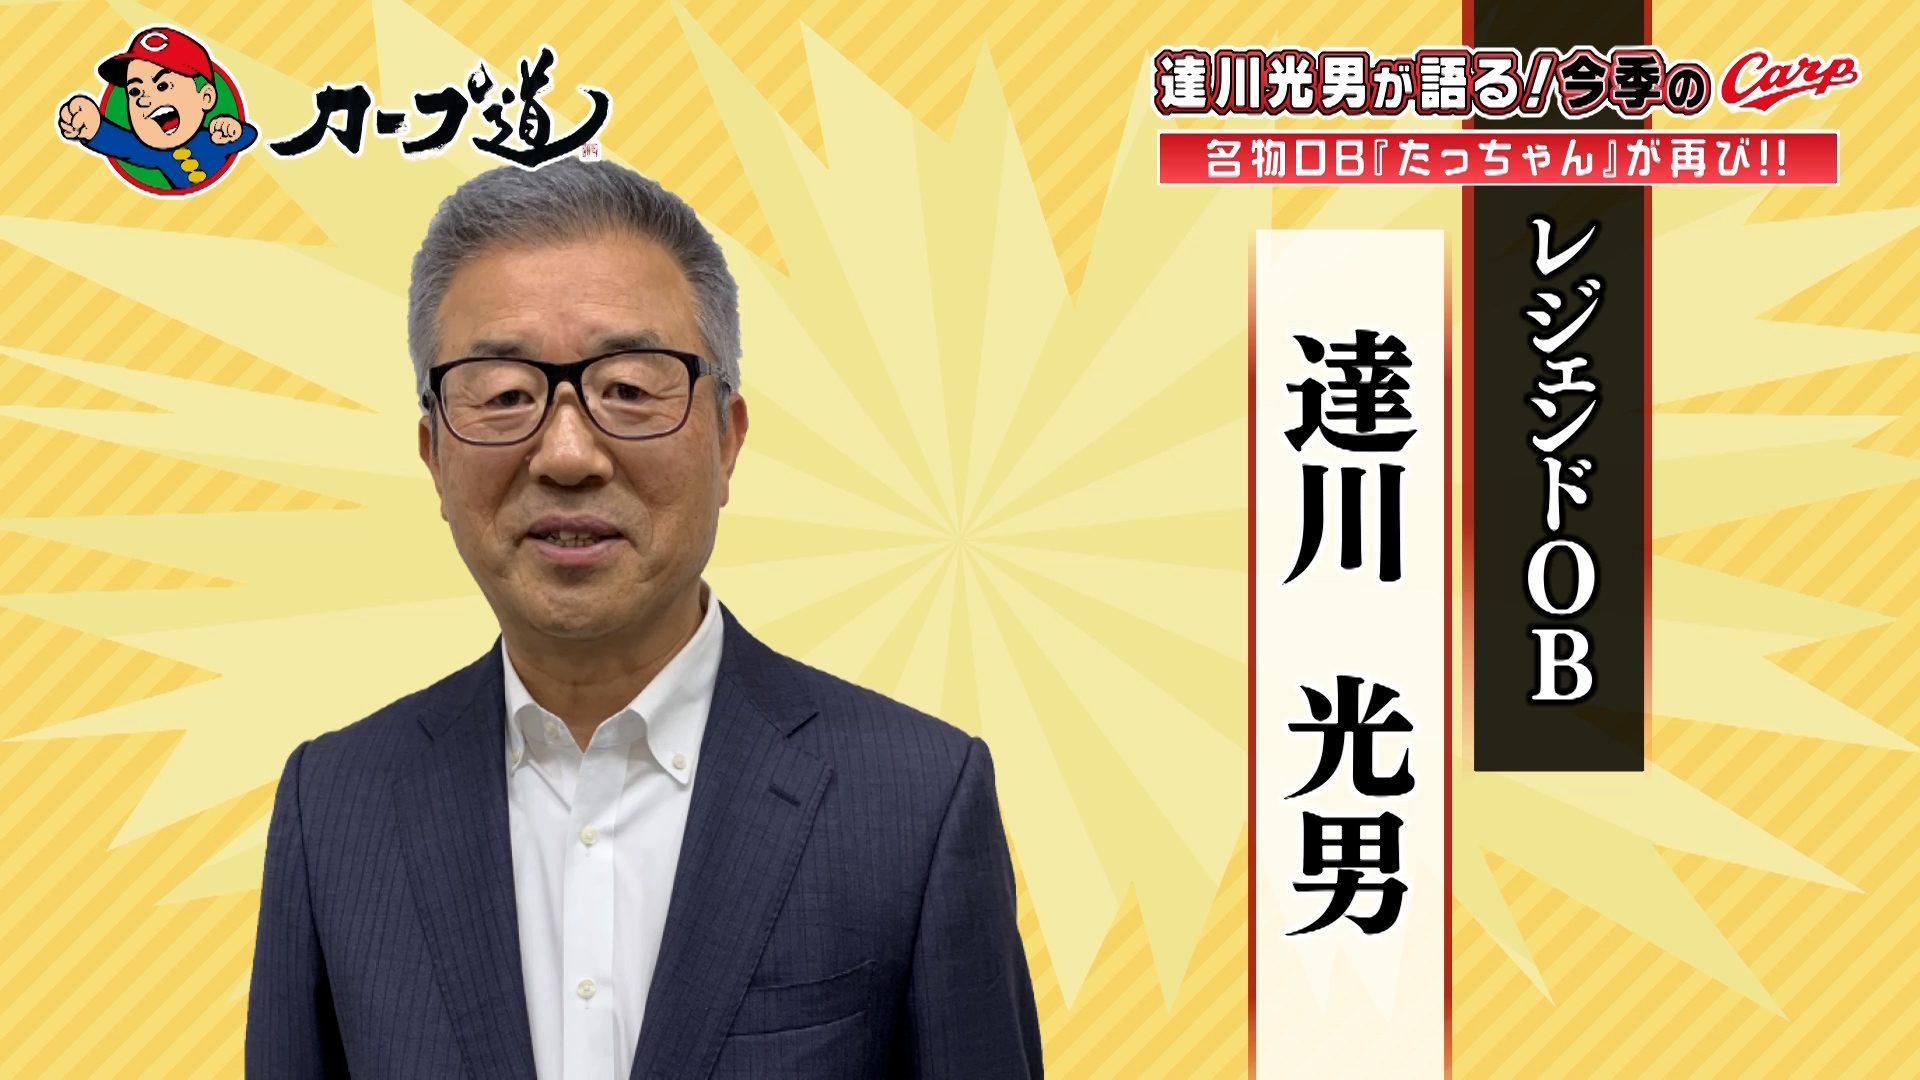 カープOB 達川光男さん